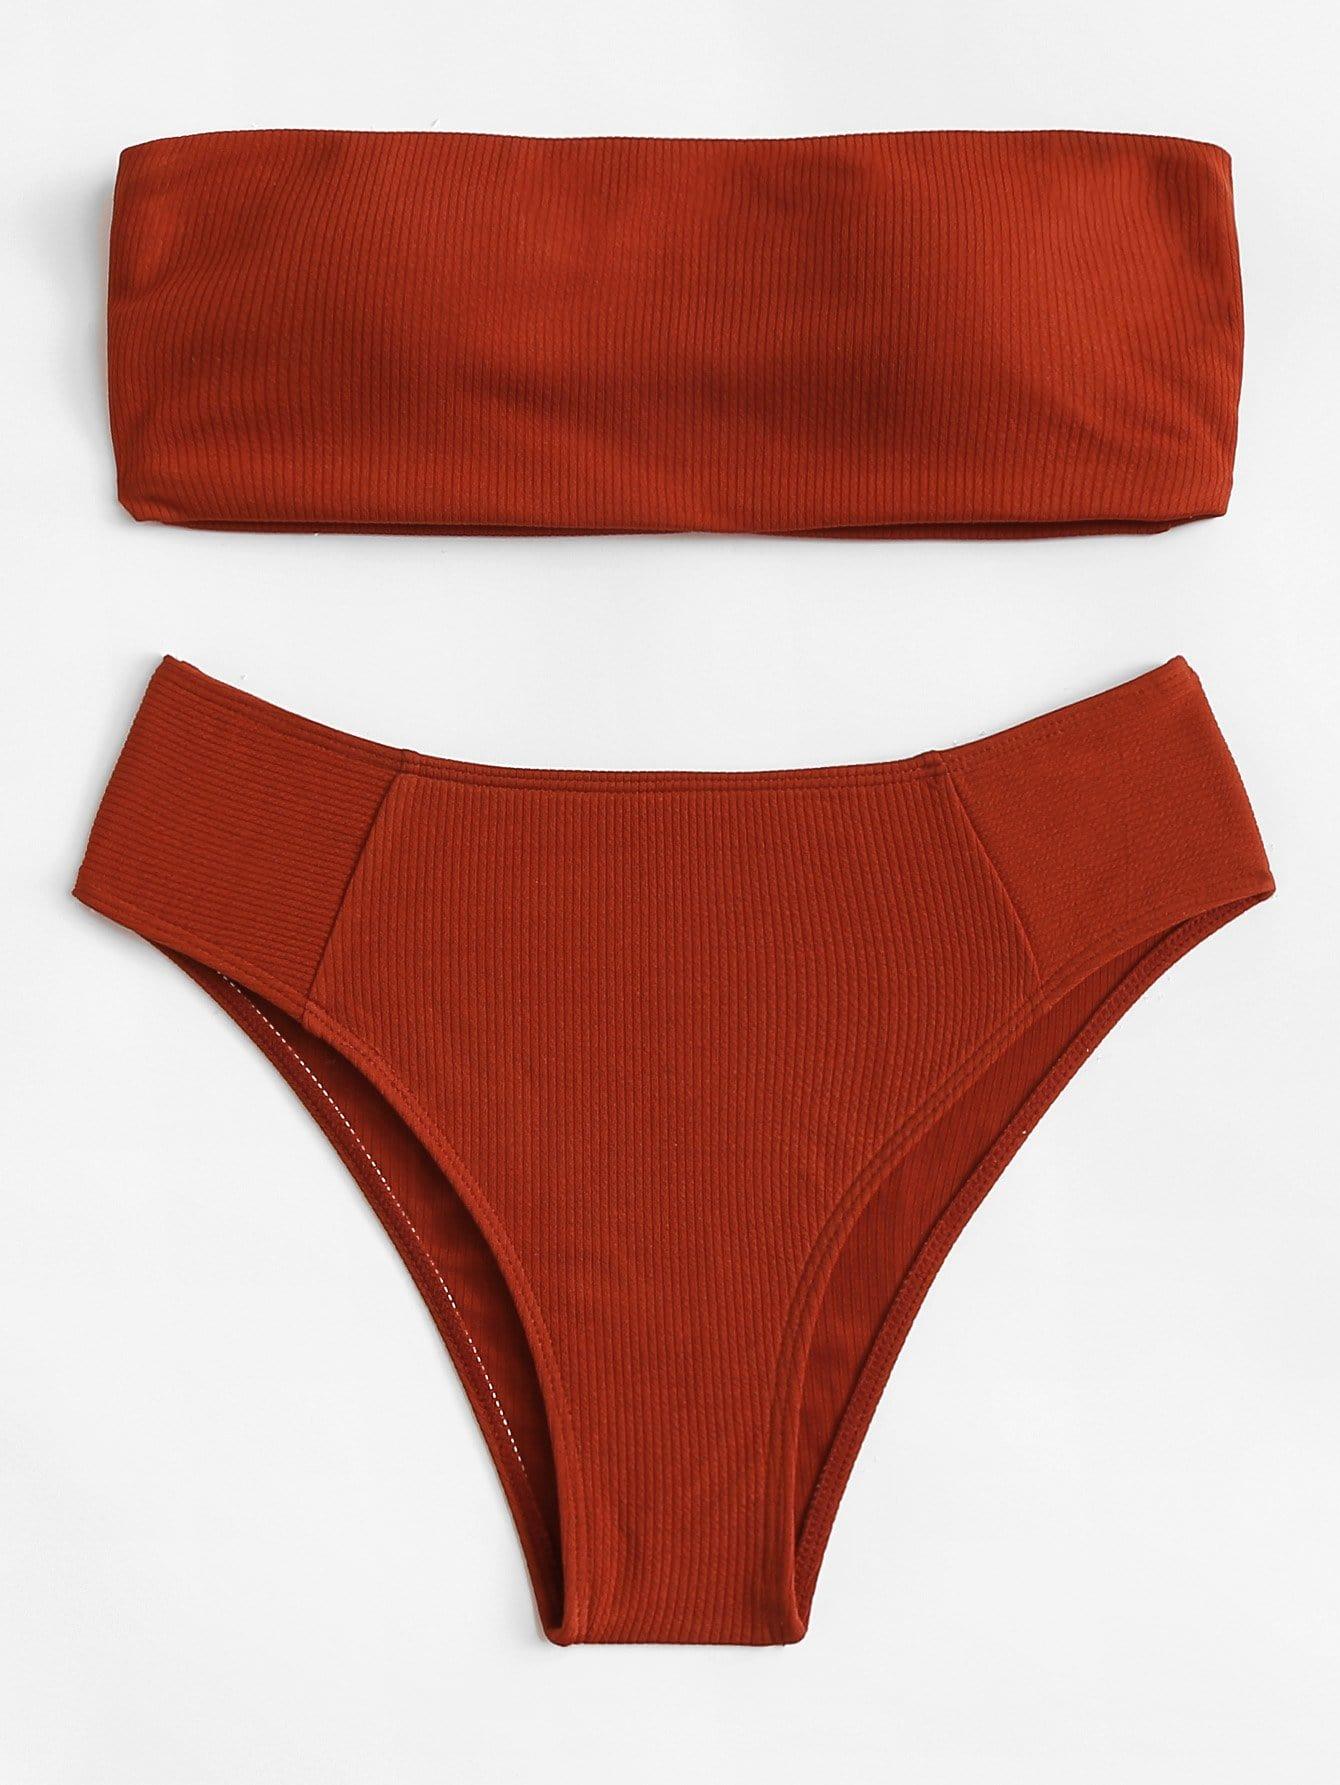 Купить Одноцветный Бикини Красный Купальник, null, SheIn